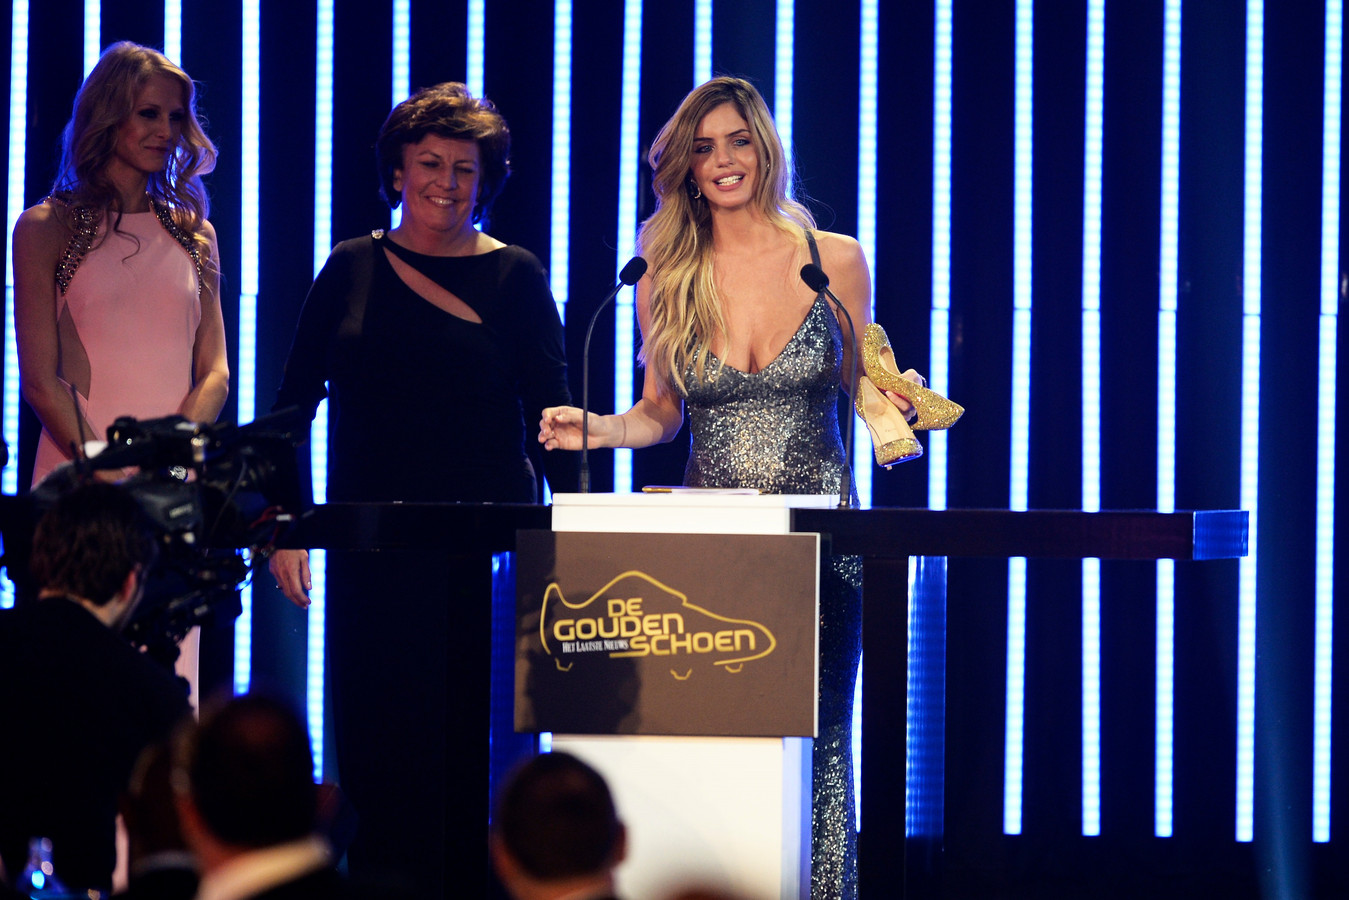 Het moment dat de Belgische voetbalwereld écht kennismaakte met Gal Refaelov. Op het Gala van de Gouden Schoen 2013 won zij de Gouden Pump voor mooiste spelersvrouw.